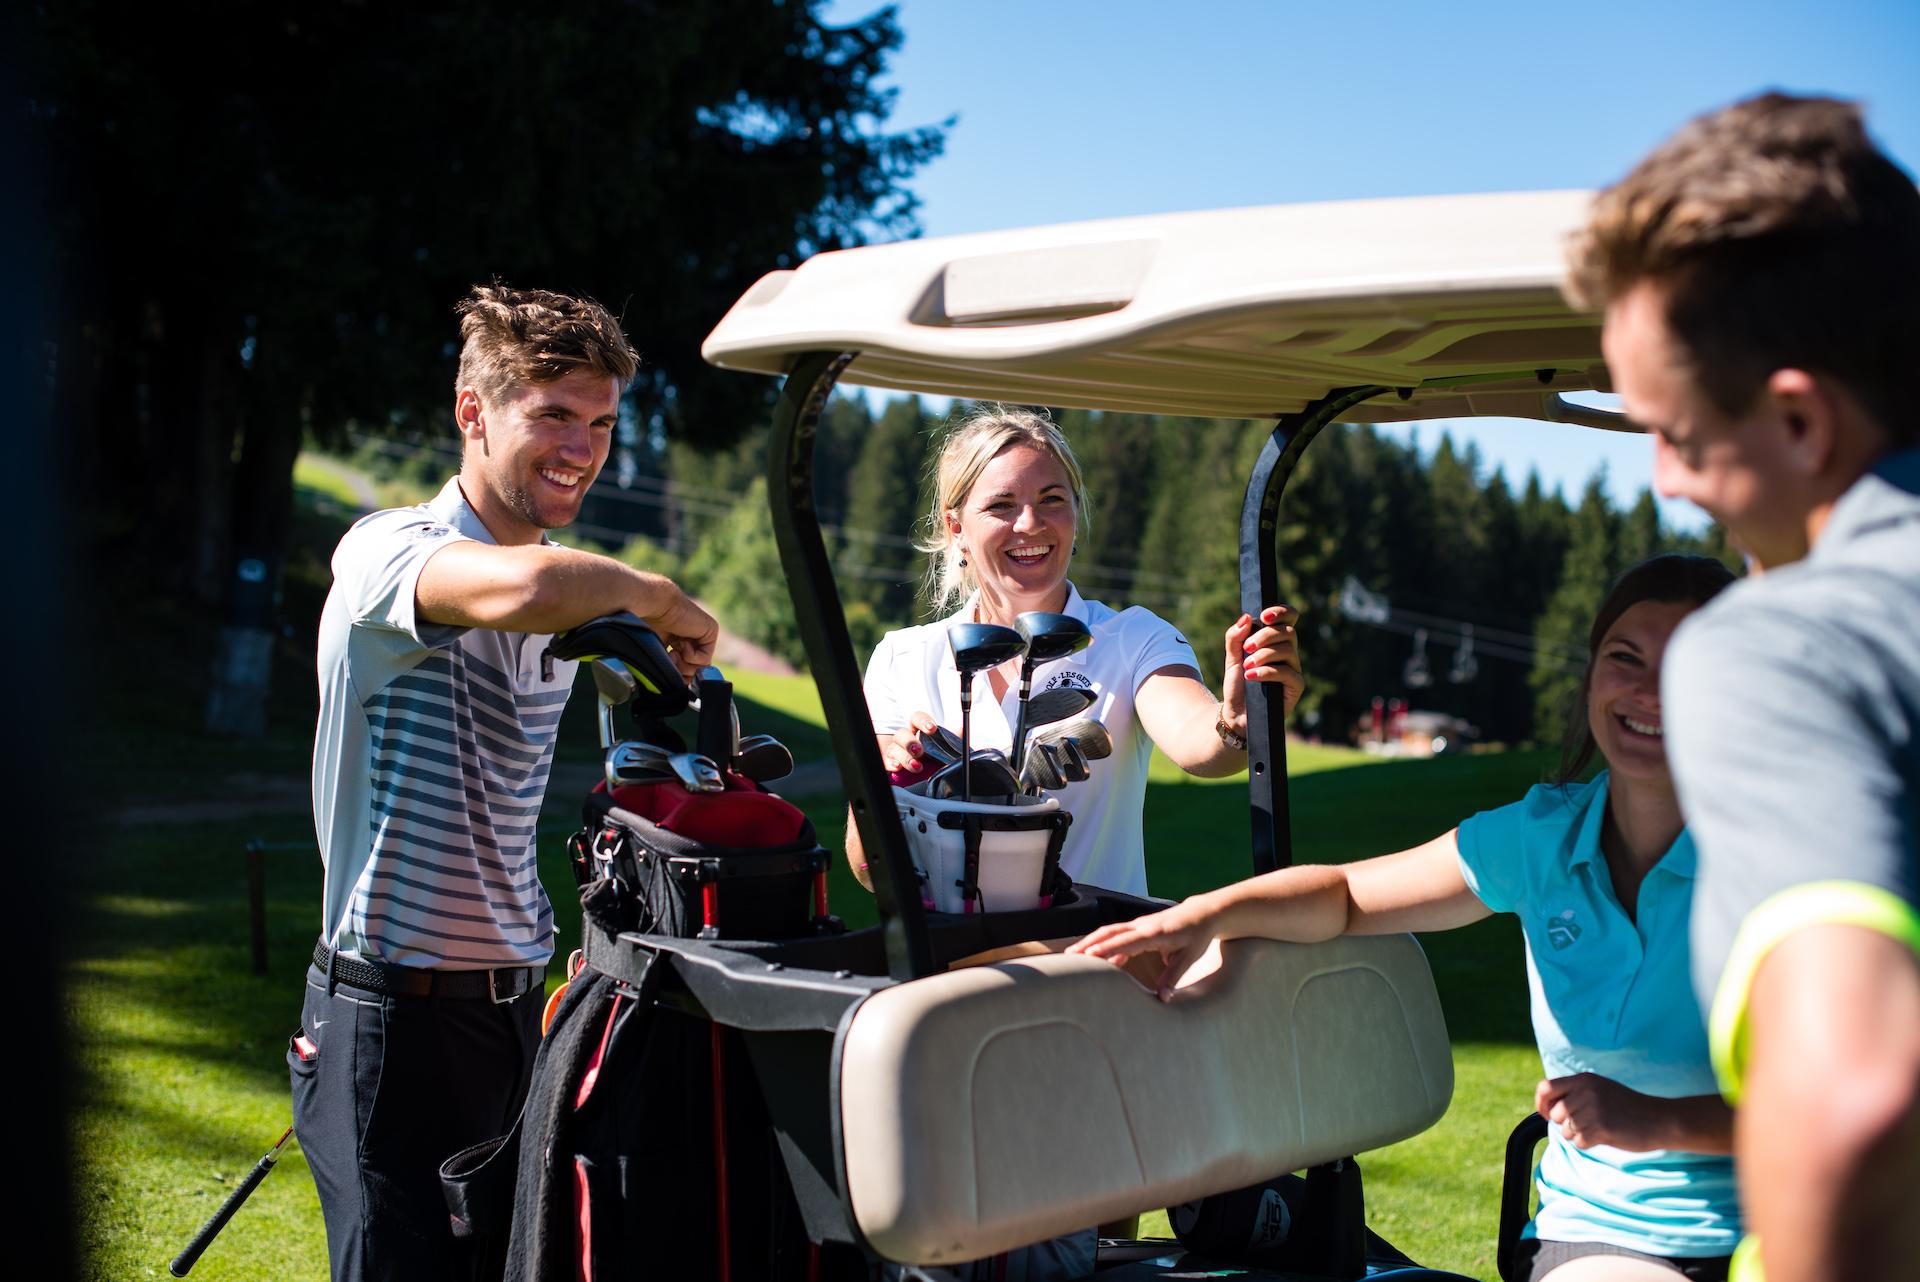 Groupe d'amis parlant et souriant à côté d'une voiturette de golf avec leur matériel